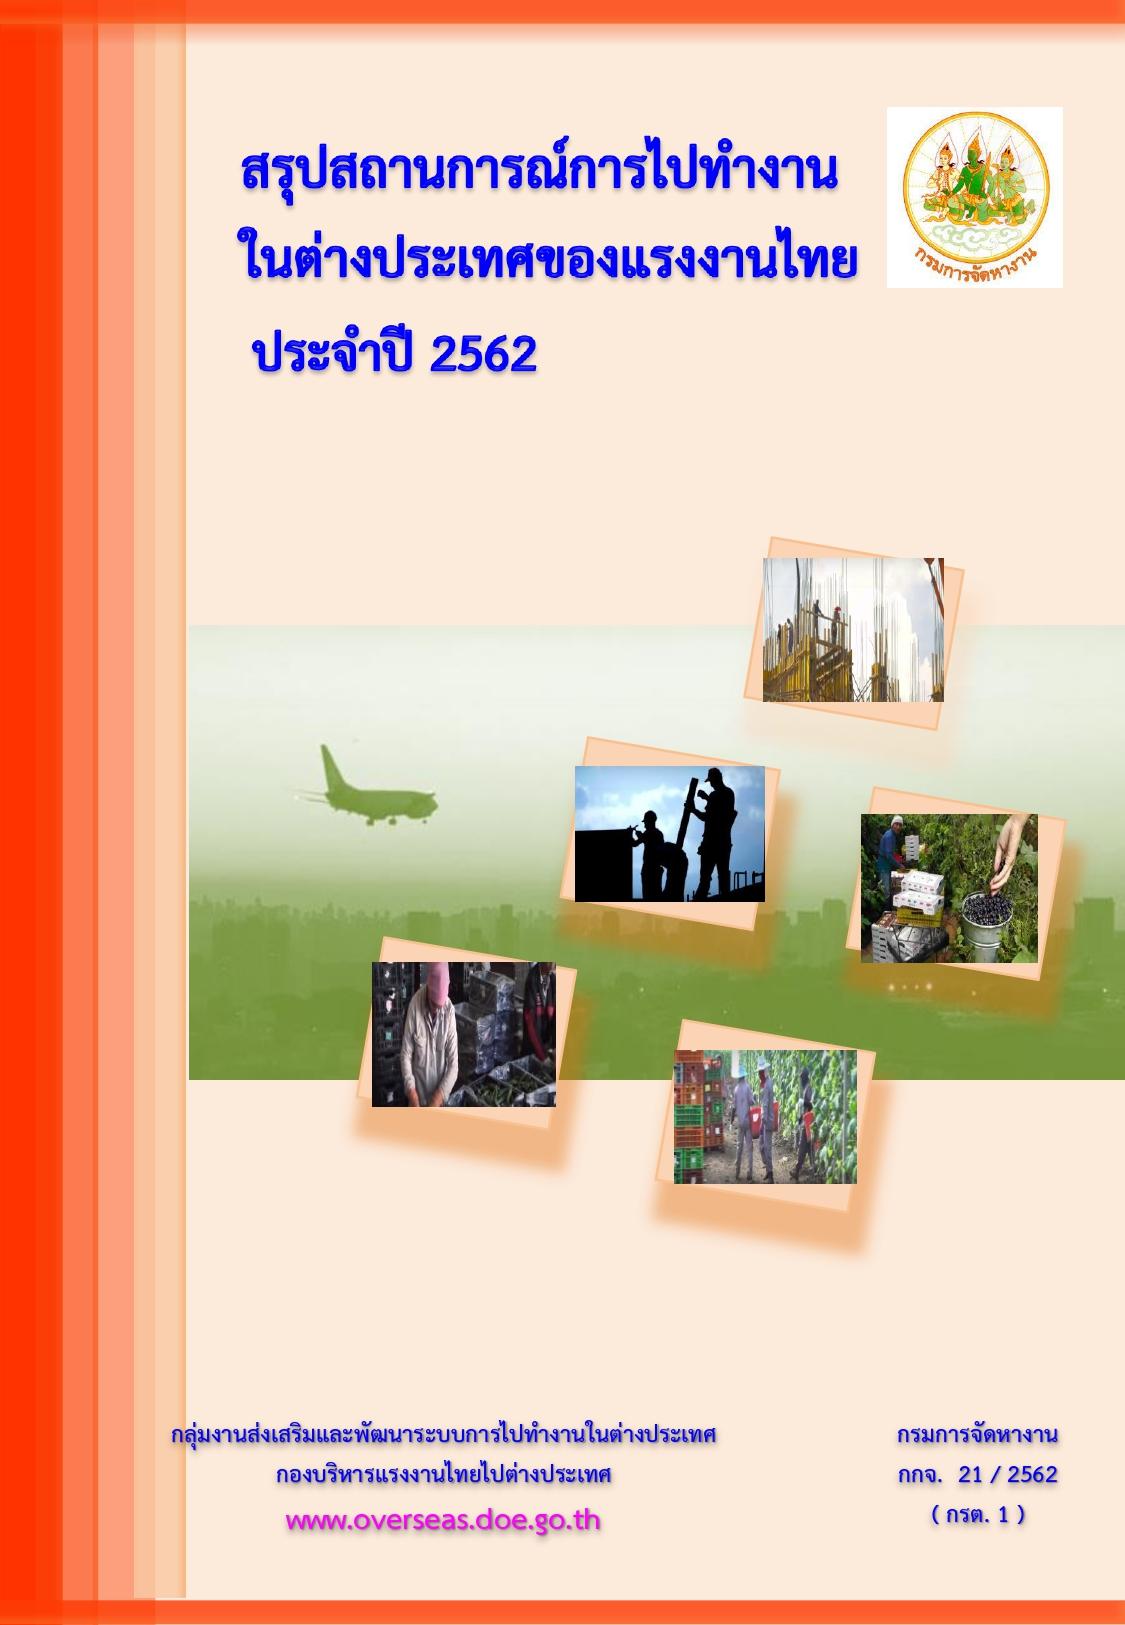 สรุป สถานการณ์การไปทำงานต่างประเทศของแรงงานไทย ประจำปี 2562